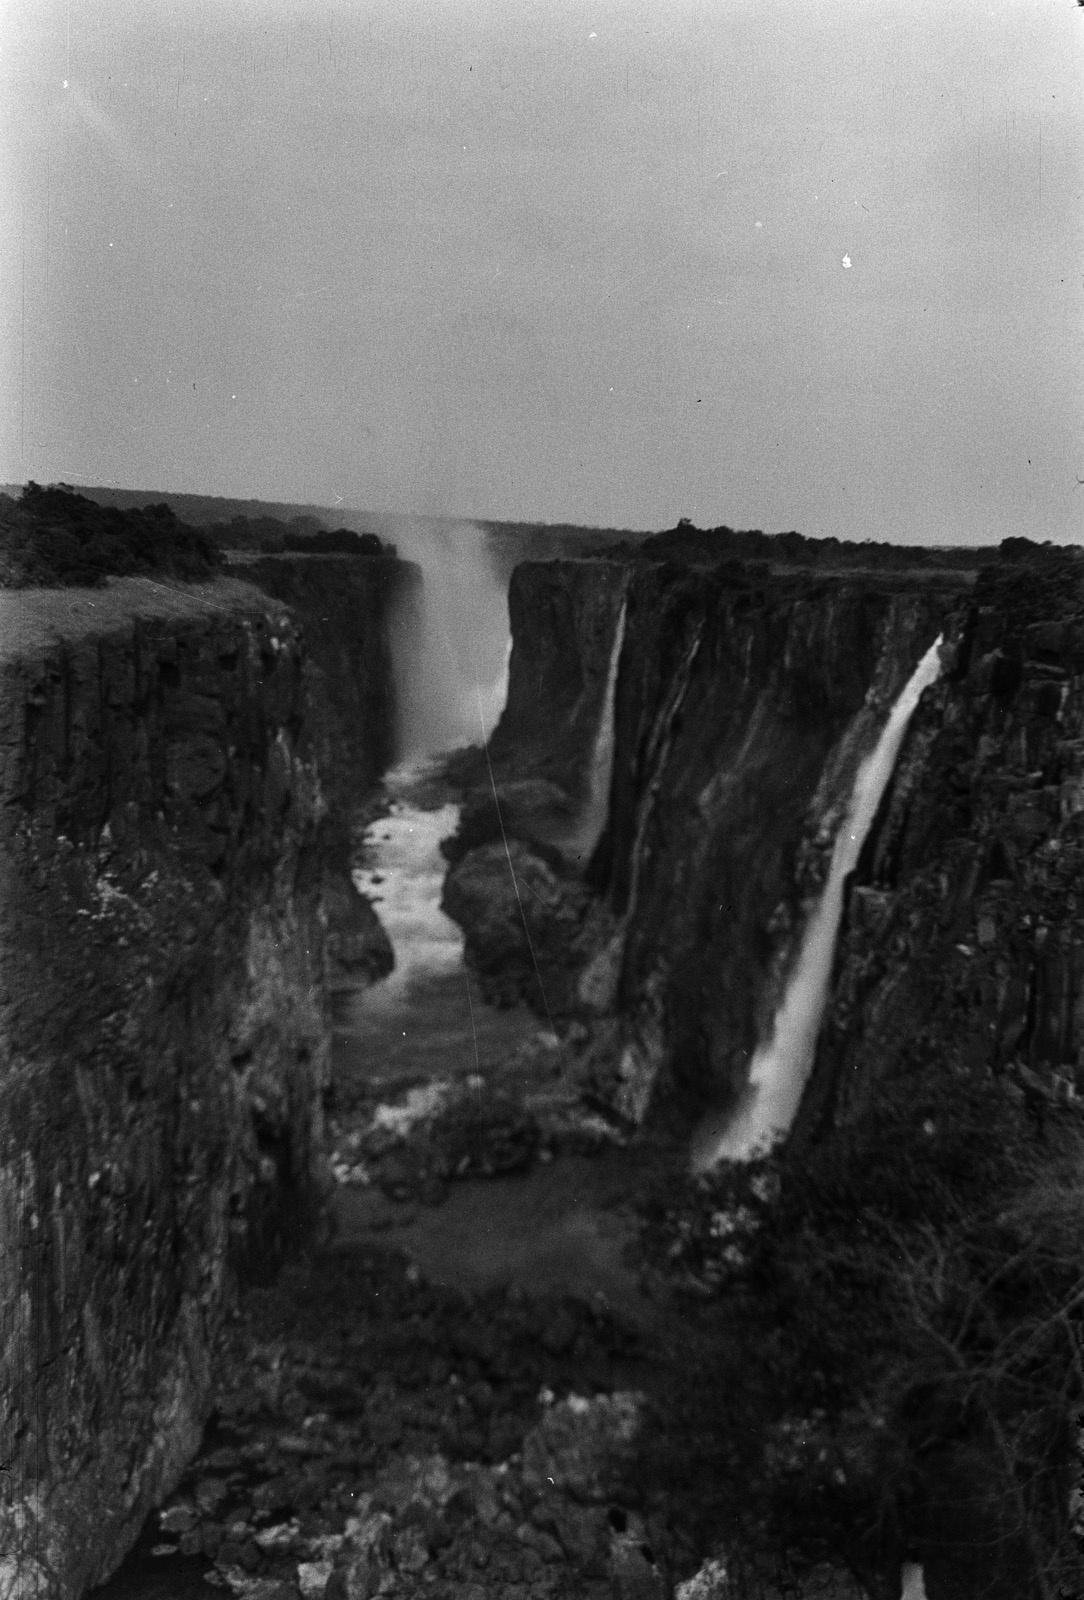 Водопад Виктория реки Замбези. Вид с северного родезийского берега вдоль каньона во время отлива